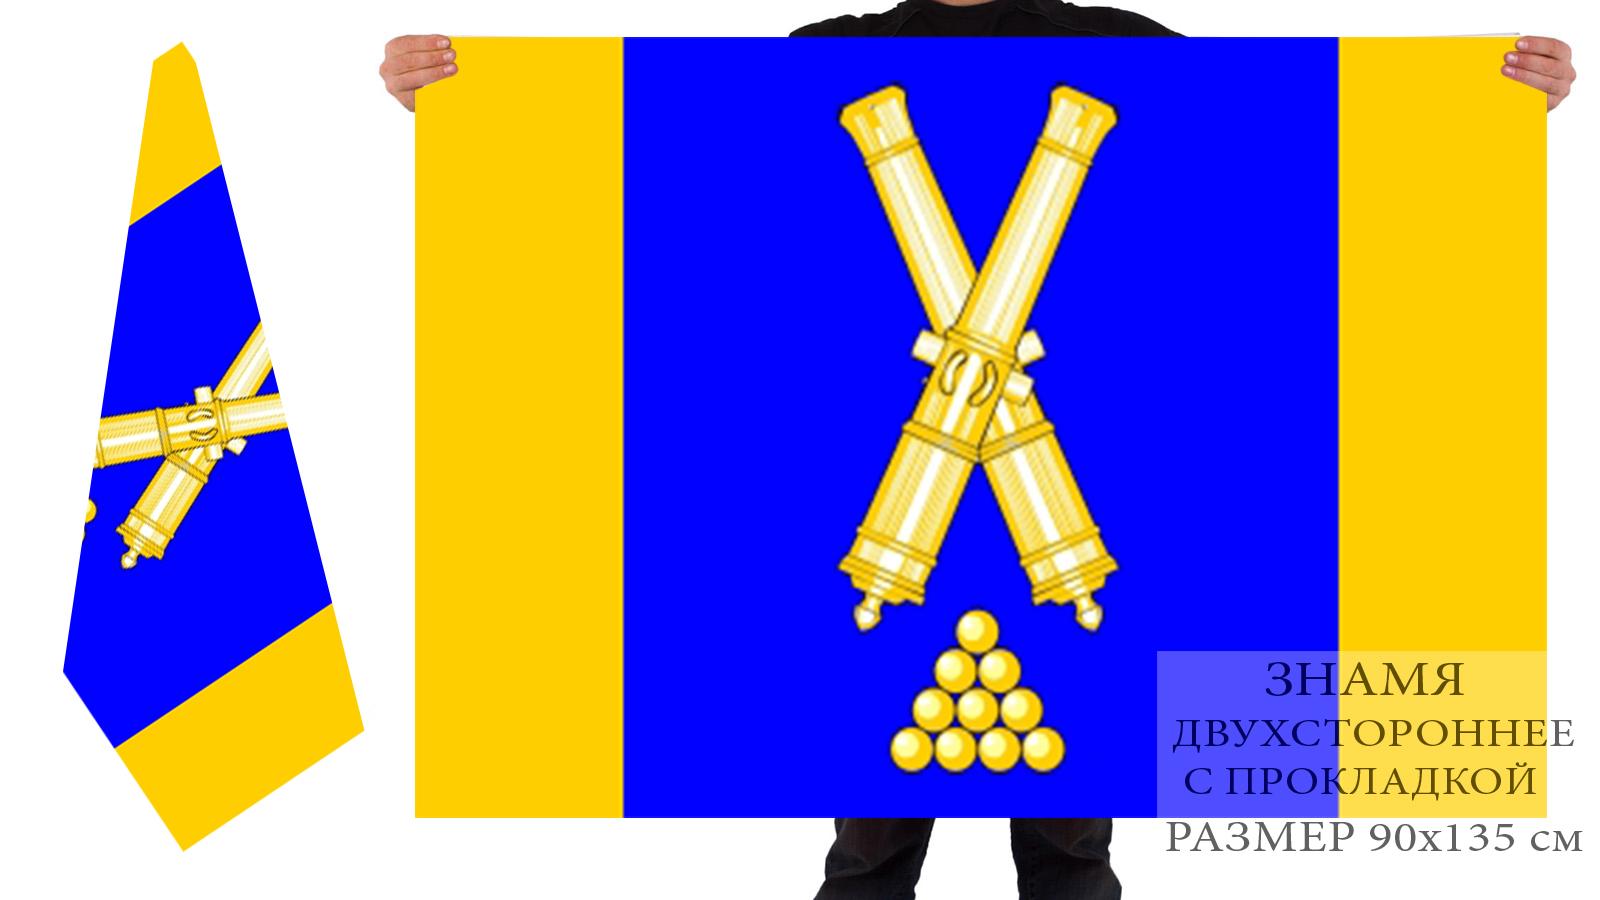 Двусторонний флаг муниципального образования муниципальный округ Пороховые